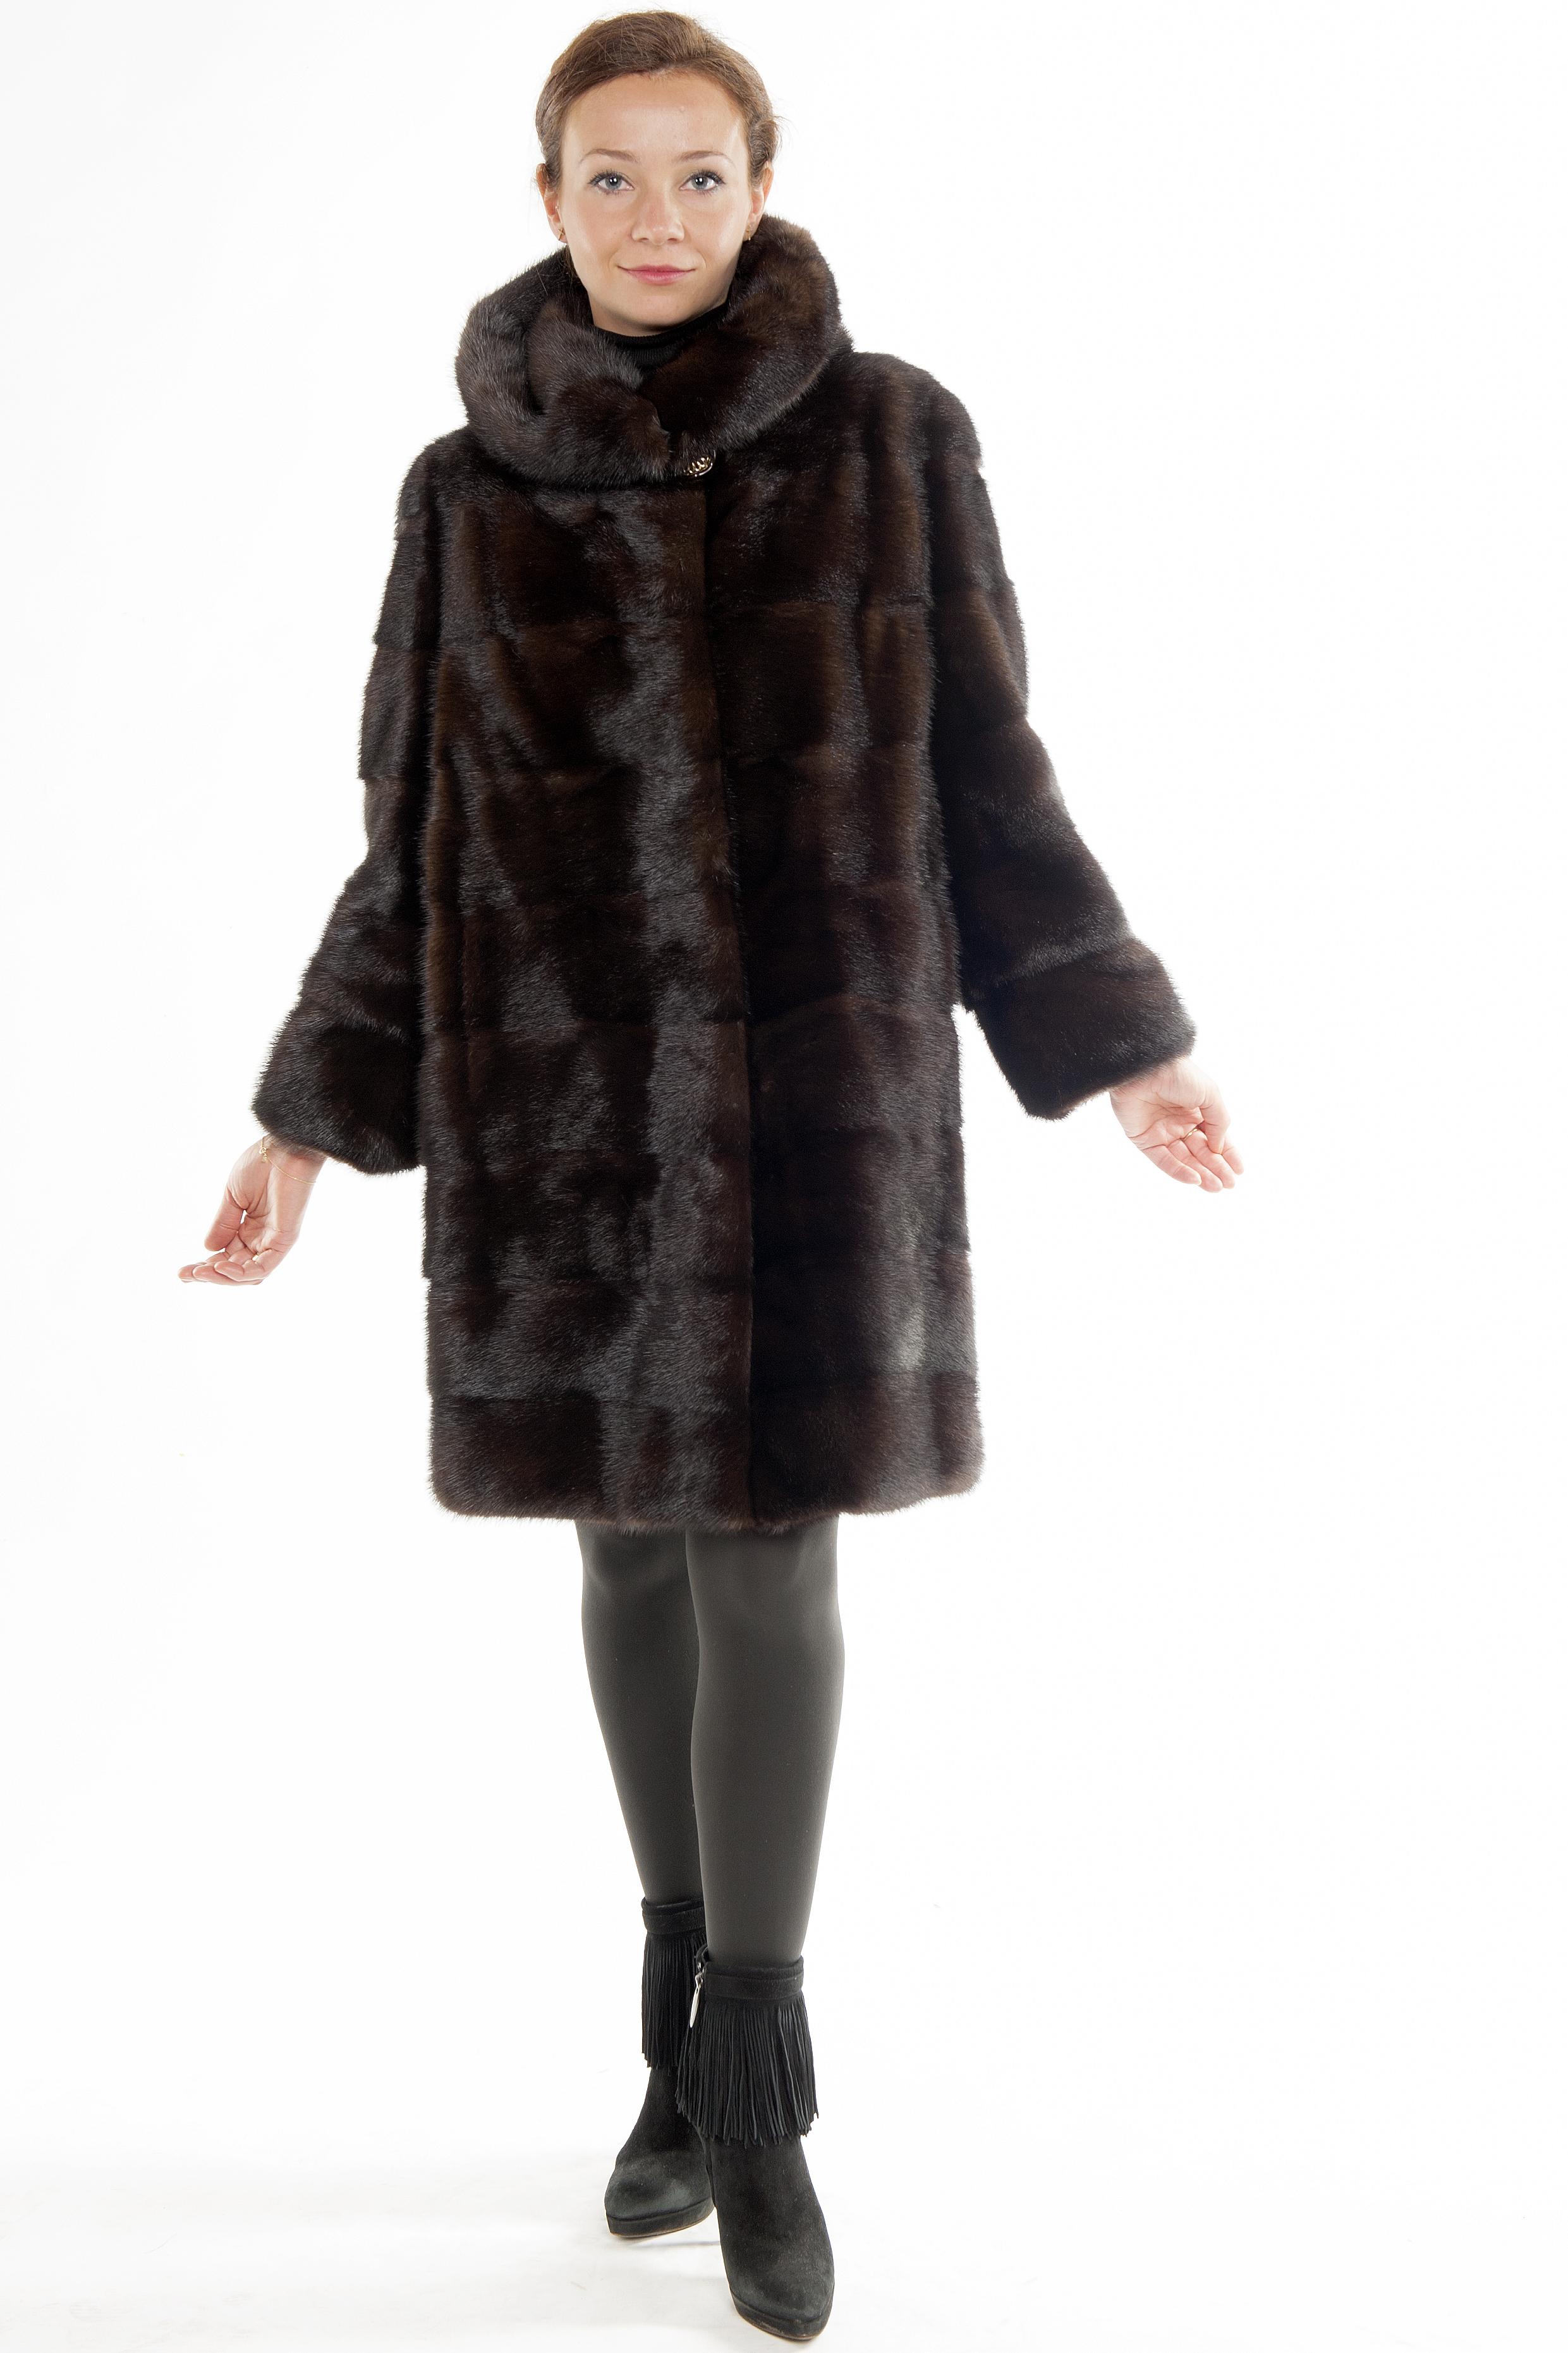 Арт.402. Шуба из скандинавской норки. Цвета:черный,махагон. Длина 100см.82 500 руб.